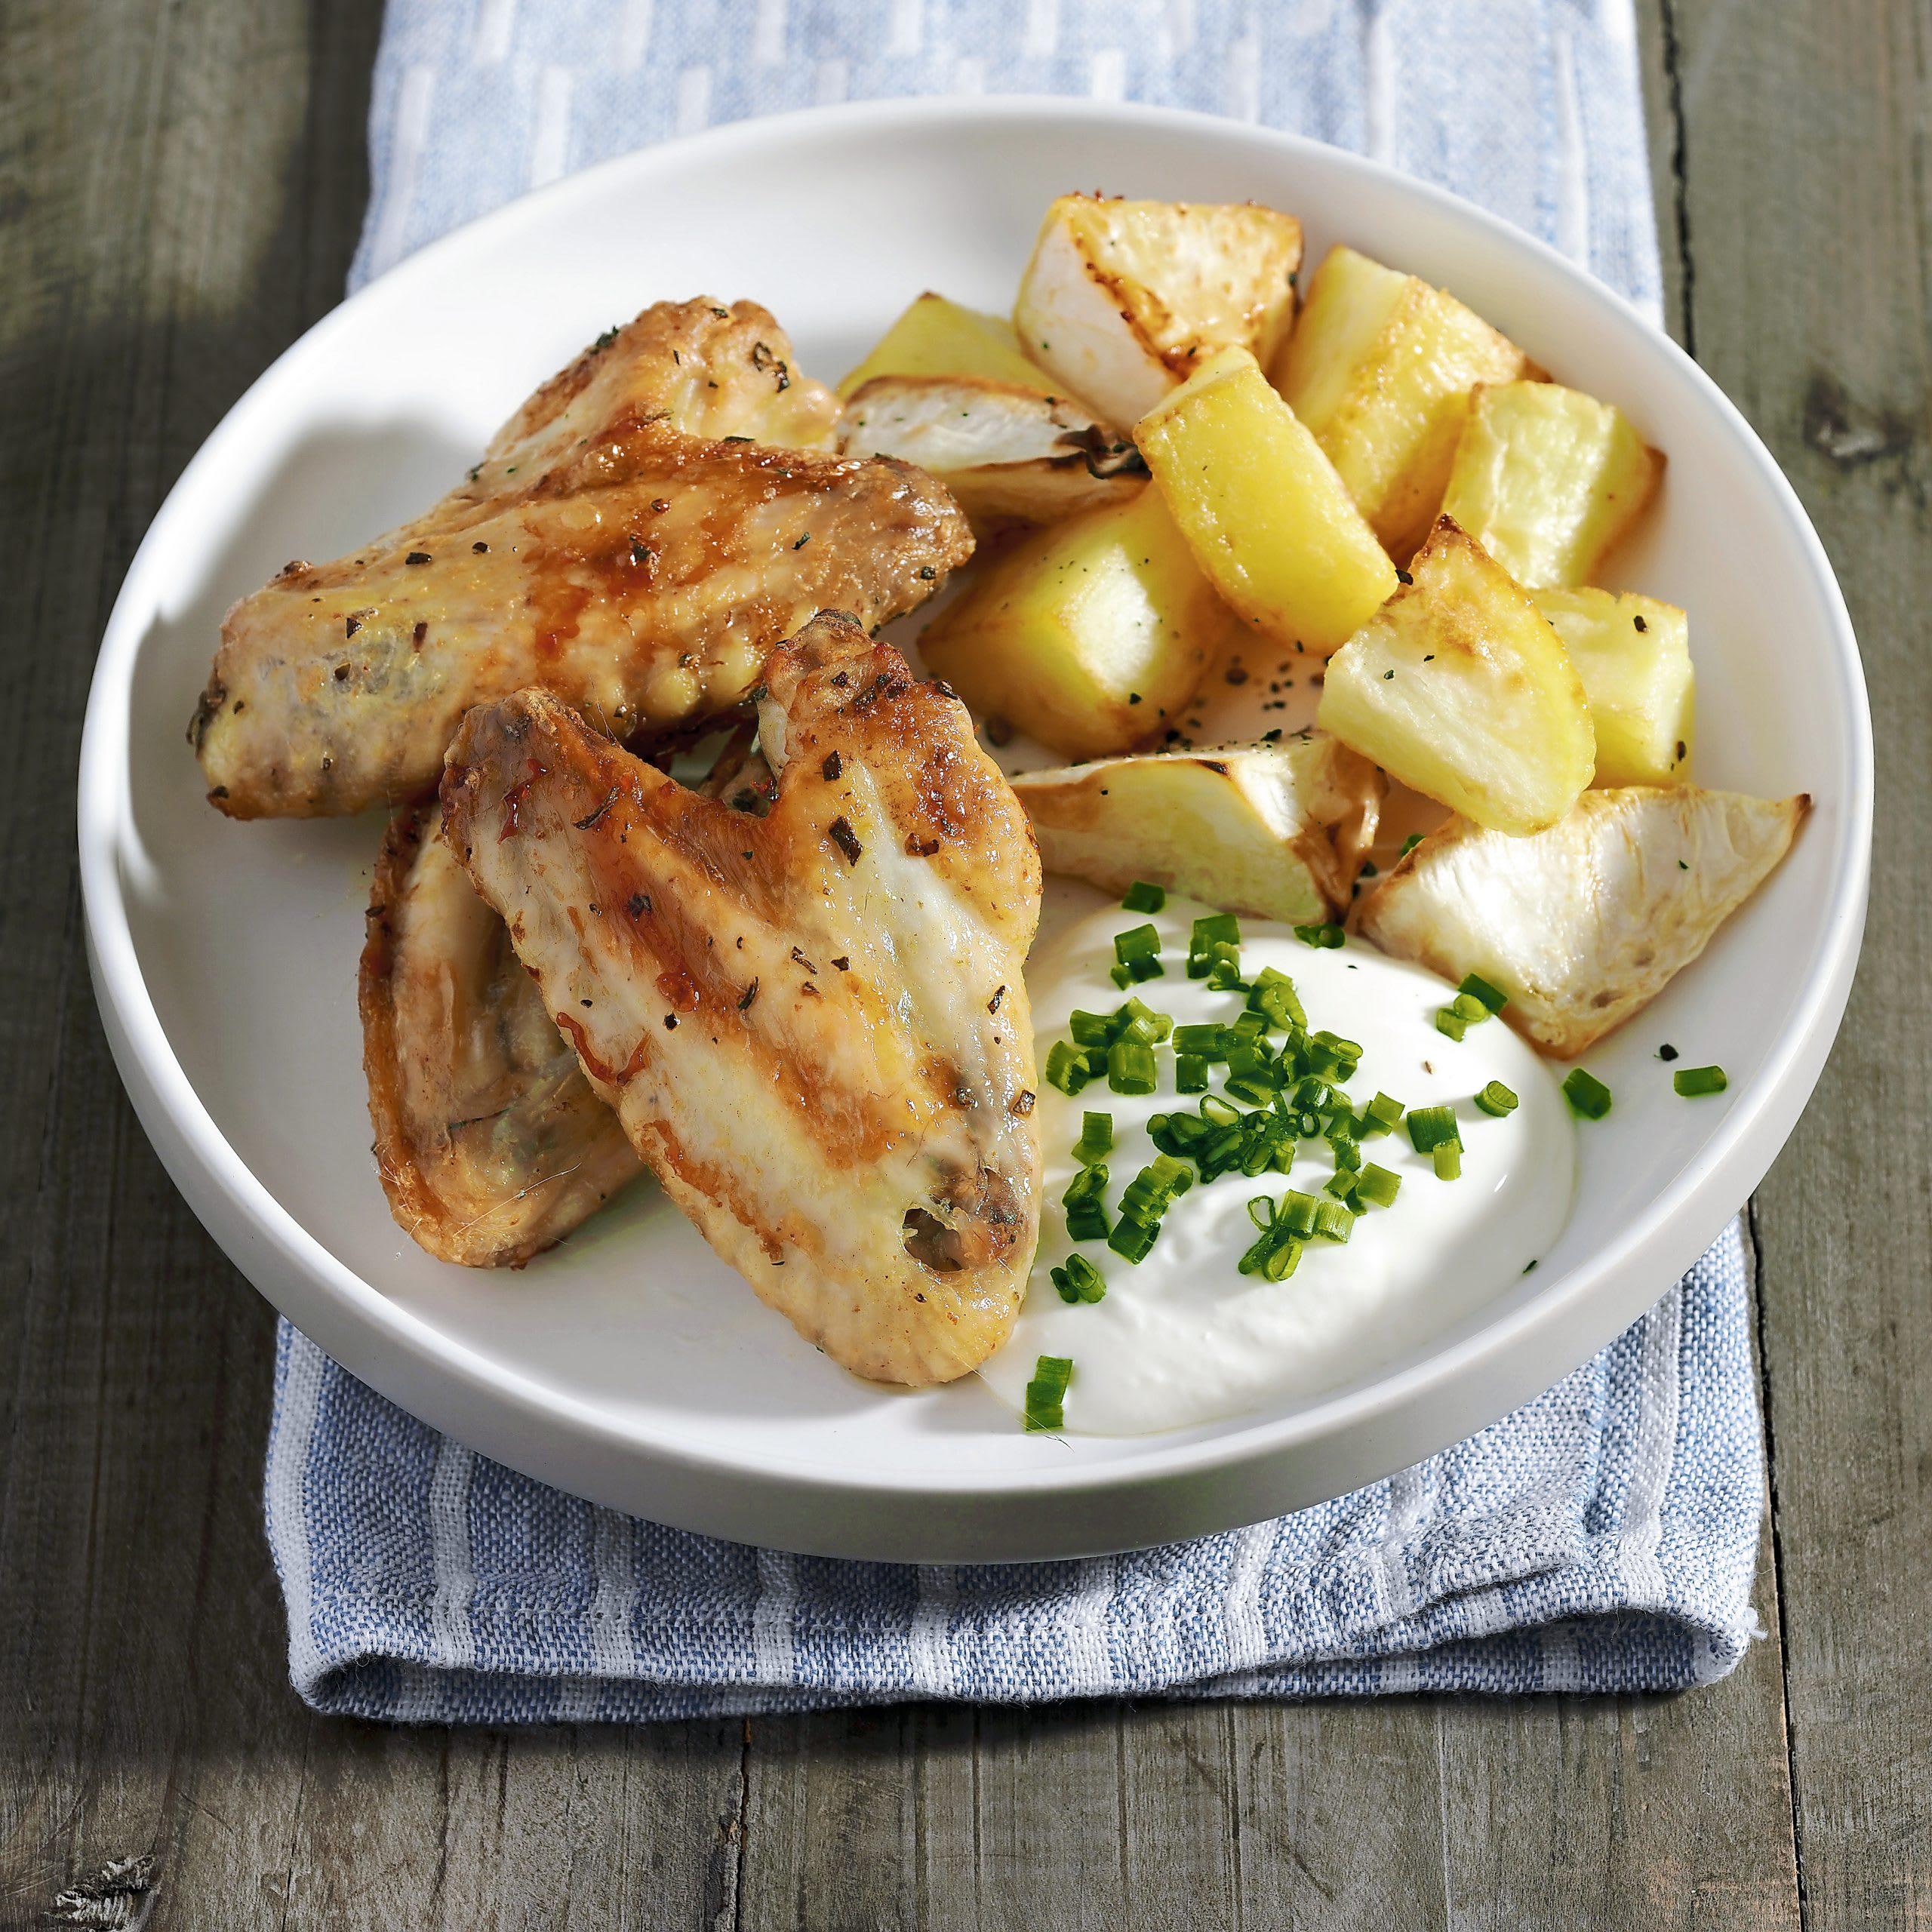 Ailes de poulet, pommes de terre et céleri